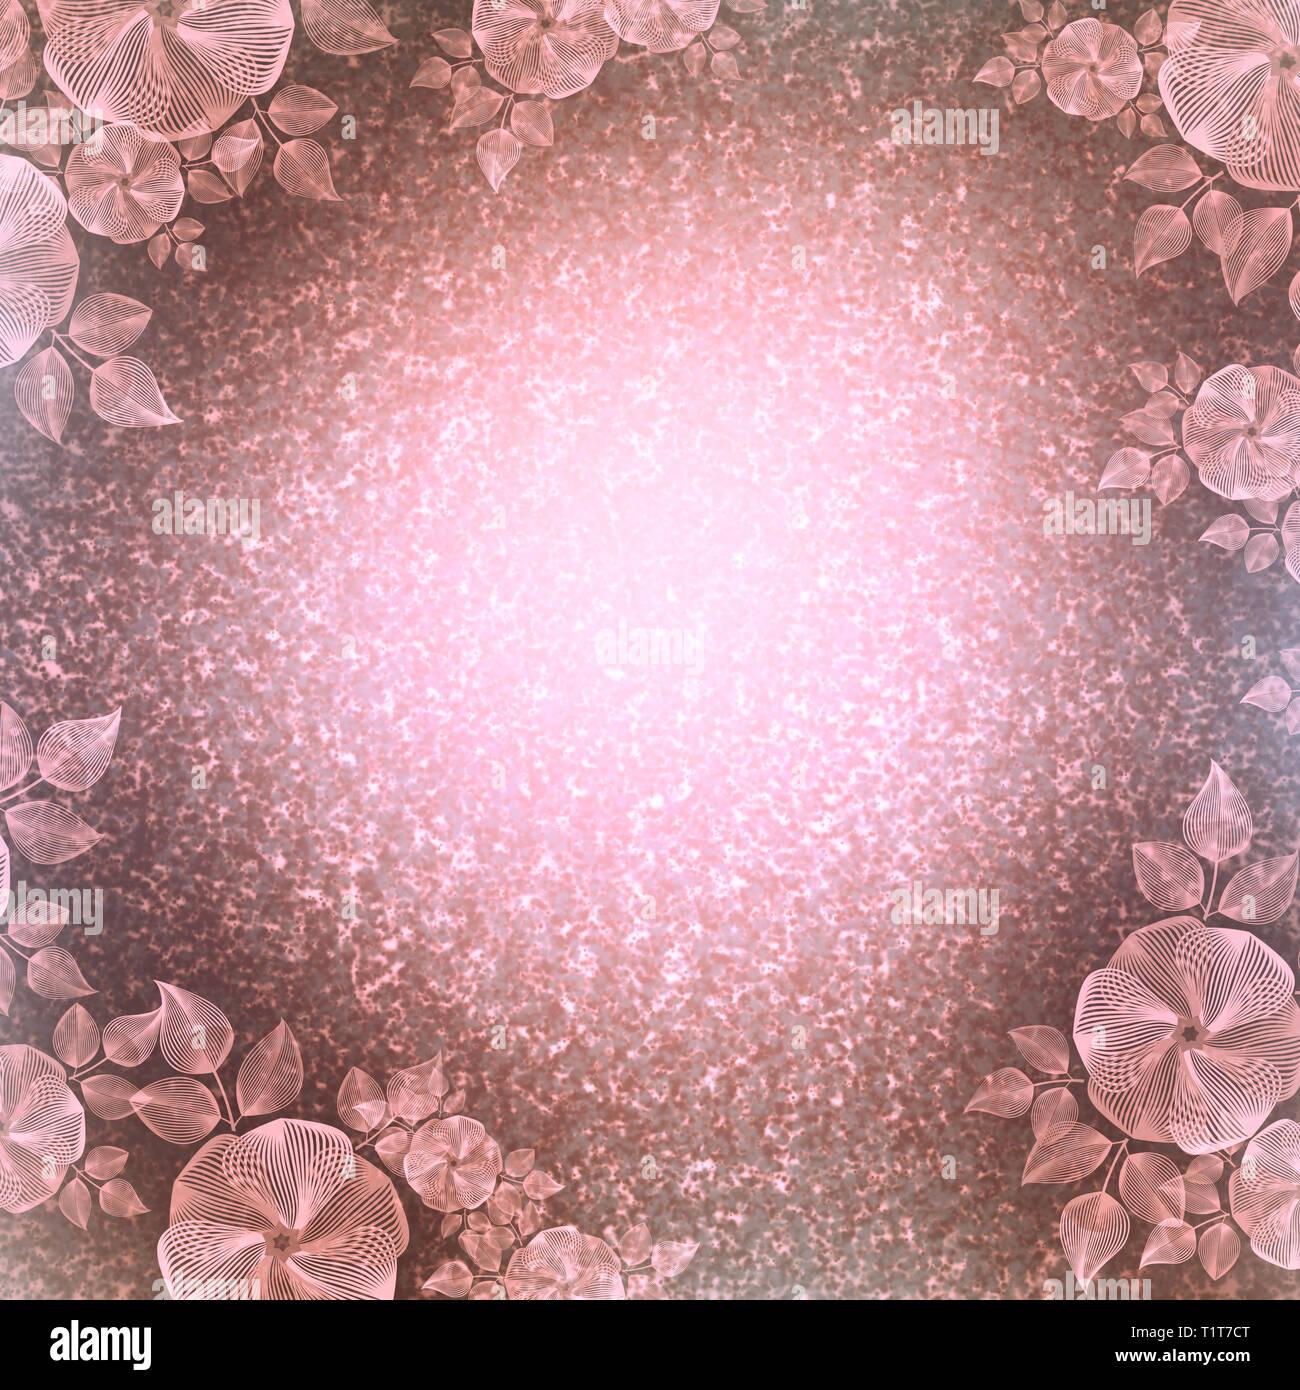 Vintage Wallpaper Floral Vignette Cream And Pink